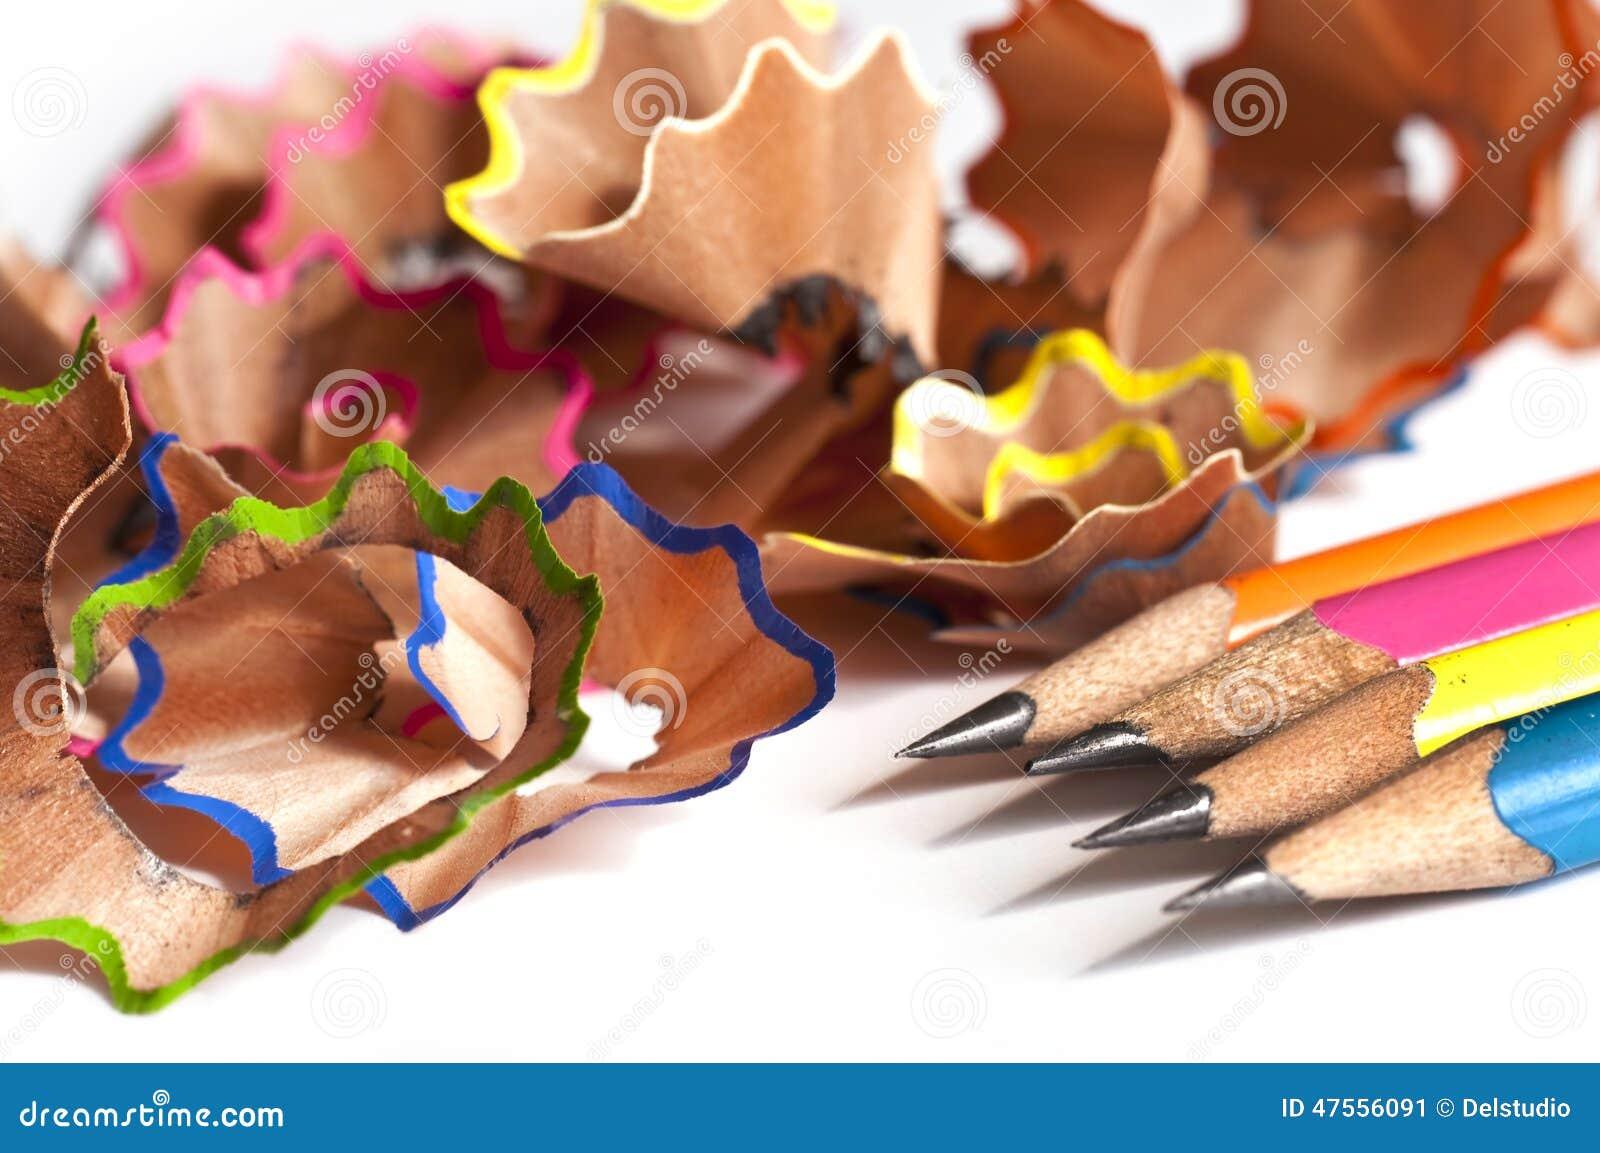 le bois color crayonne des copeaux sur le blanc - Copeaux De Bois Colors